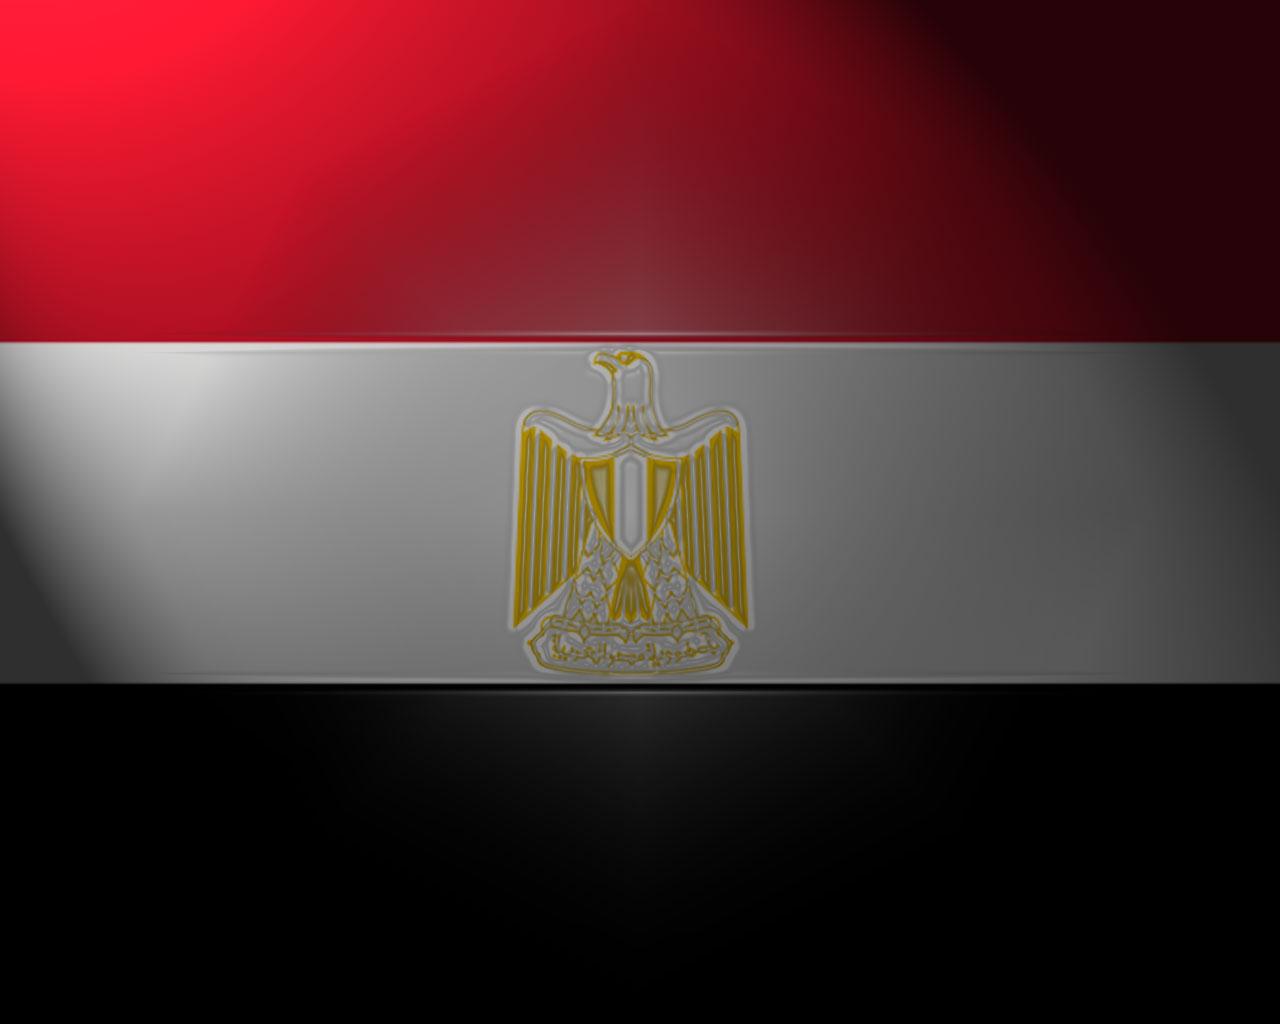 العلم المصري بالصور (4)